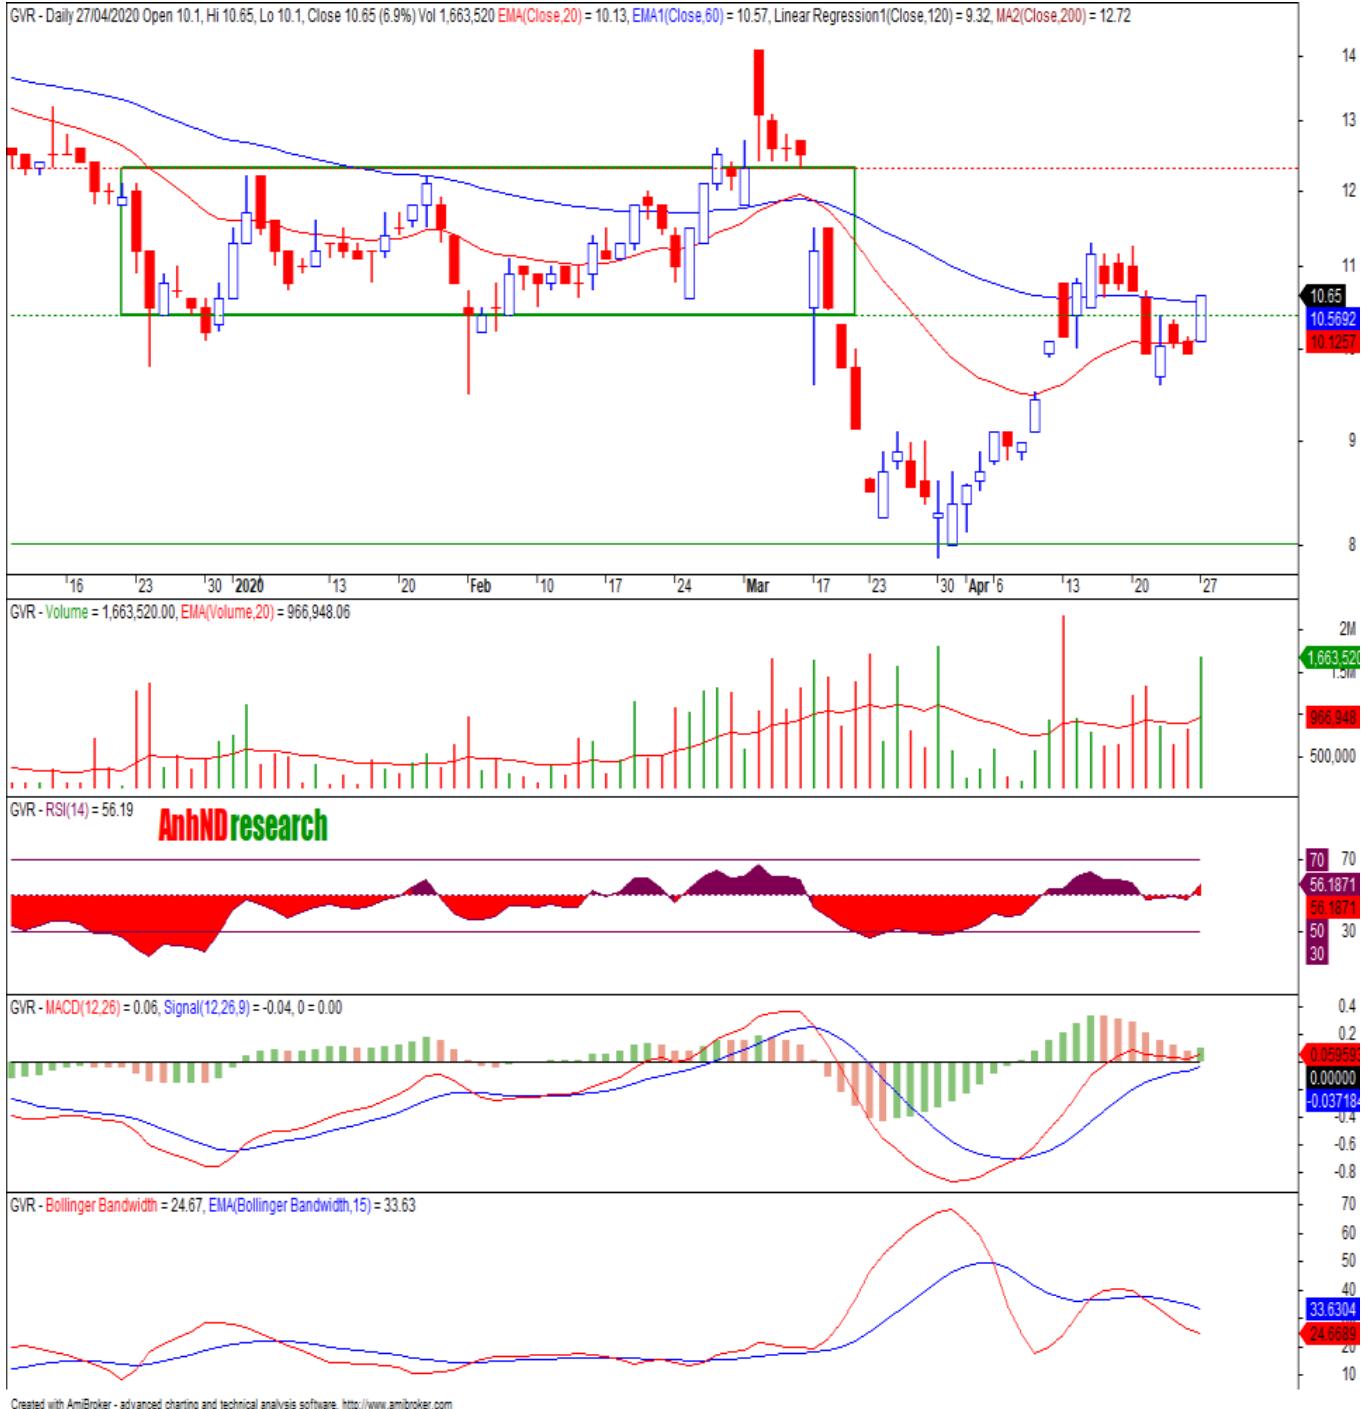 Cổ phiếu tâm điểm ngày 29/4: VEA, PHR, MPC, GVR, HII - Ảnh 3.